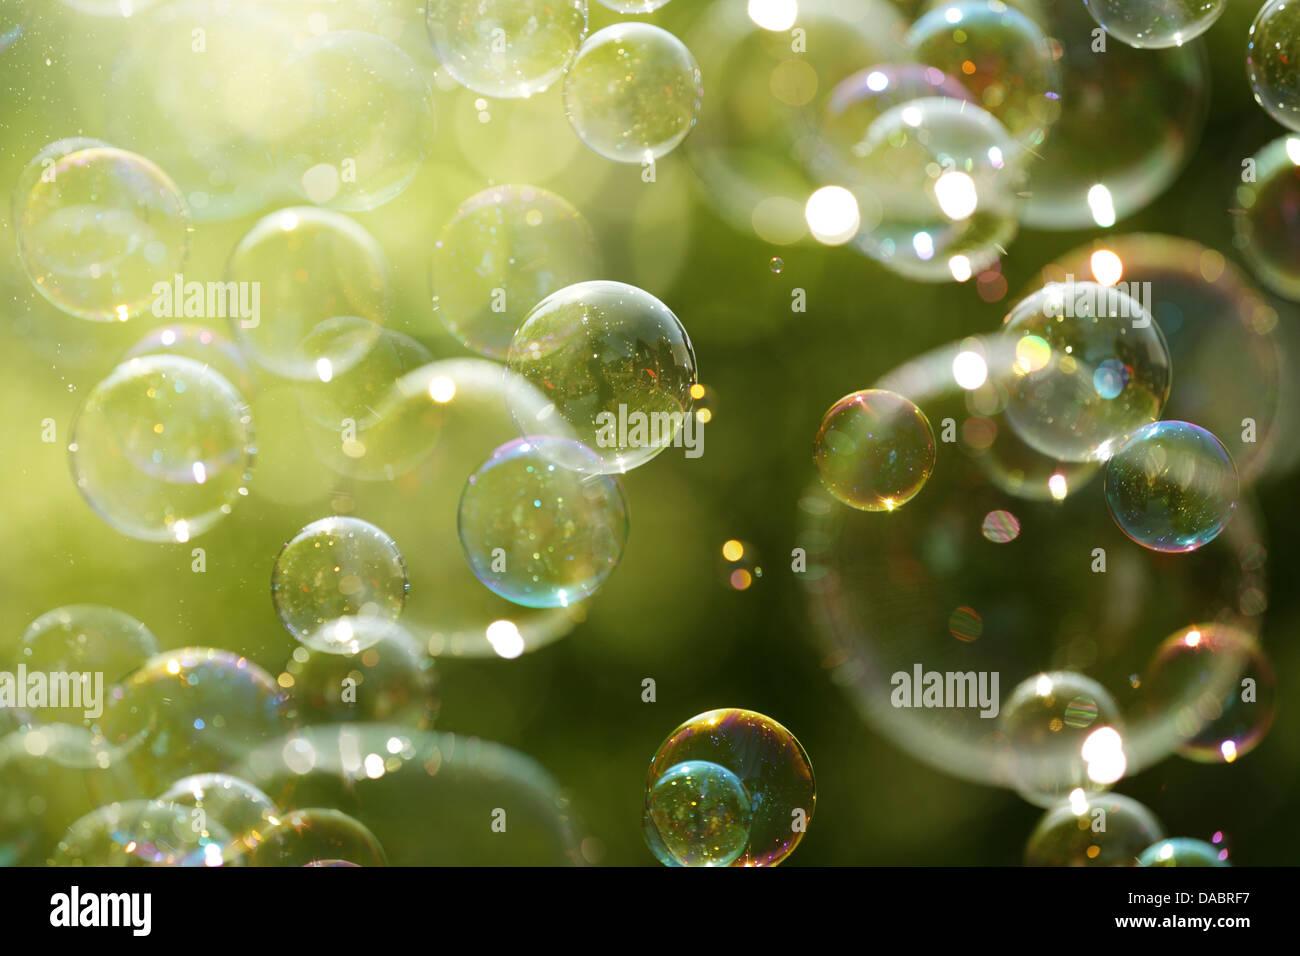 In estate la luce del sole e bolle di sapone Immagini Stock